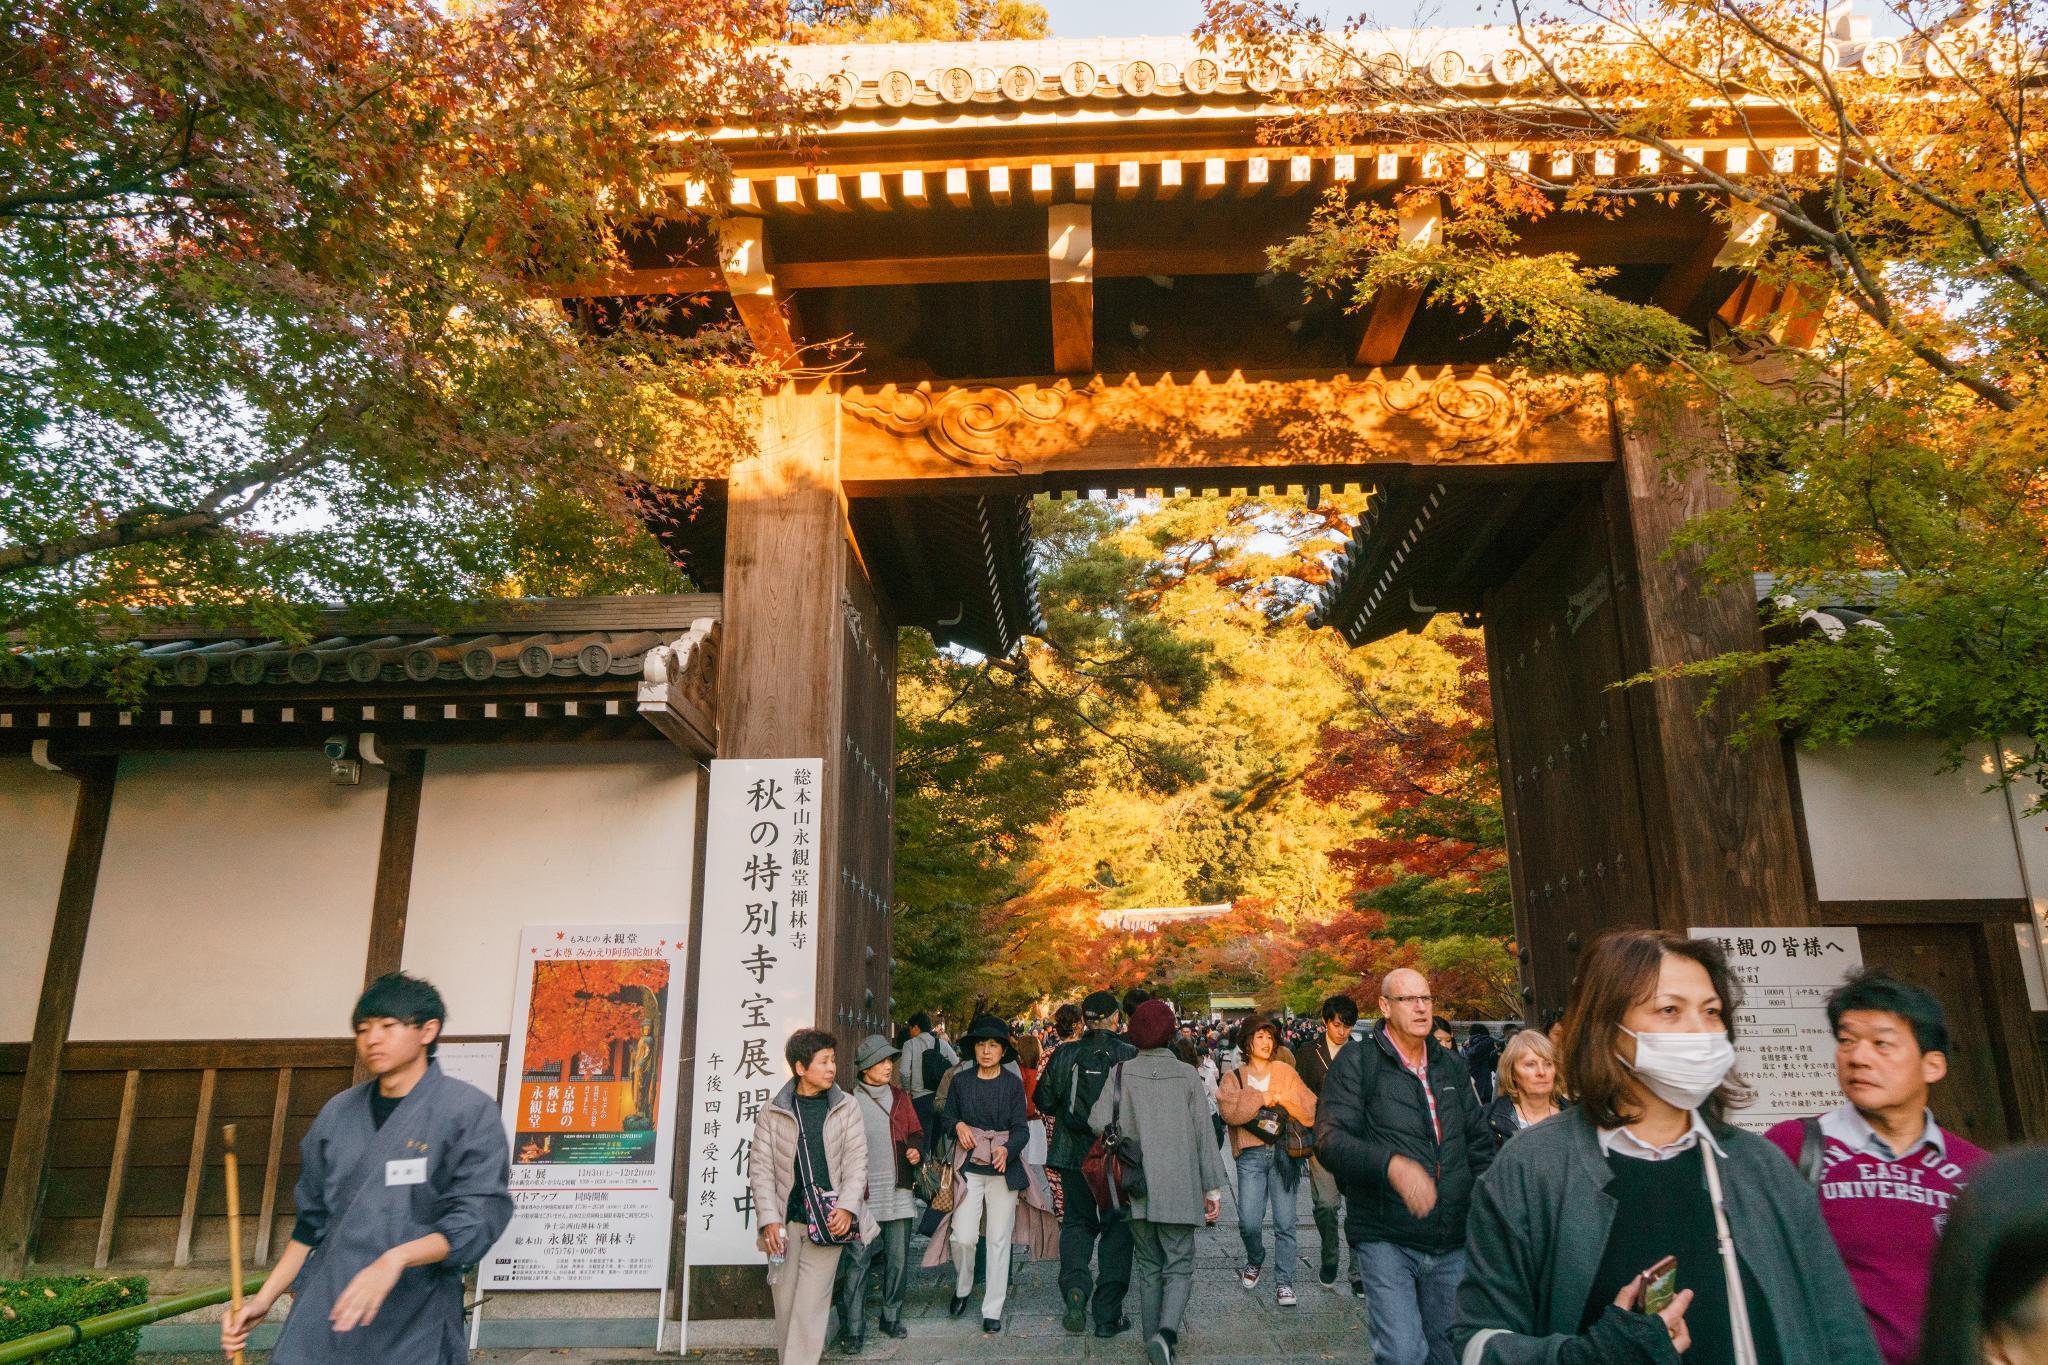 【京都】此生必來的紅葉狩絕景 - 永觀堂夜楓 98